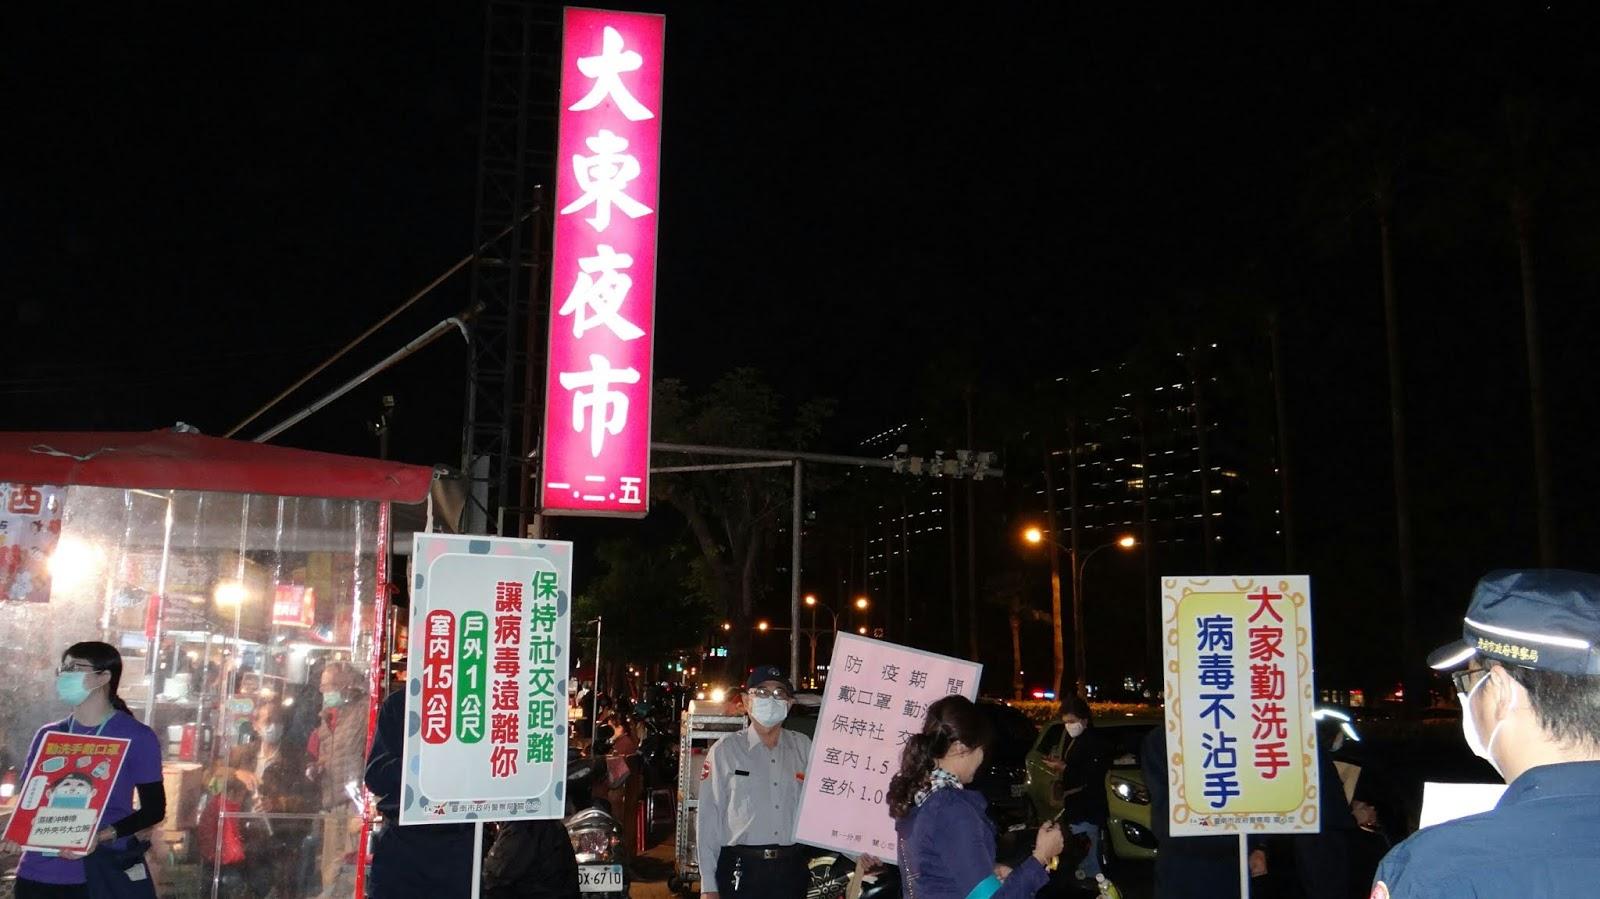 中華海峽傳媒: 警方現身大東夜市 結合市府局處民力擴大防疫宣導